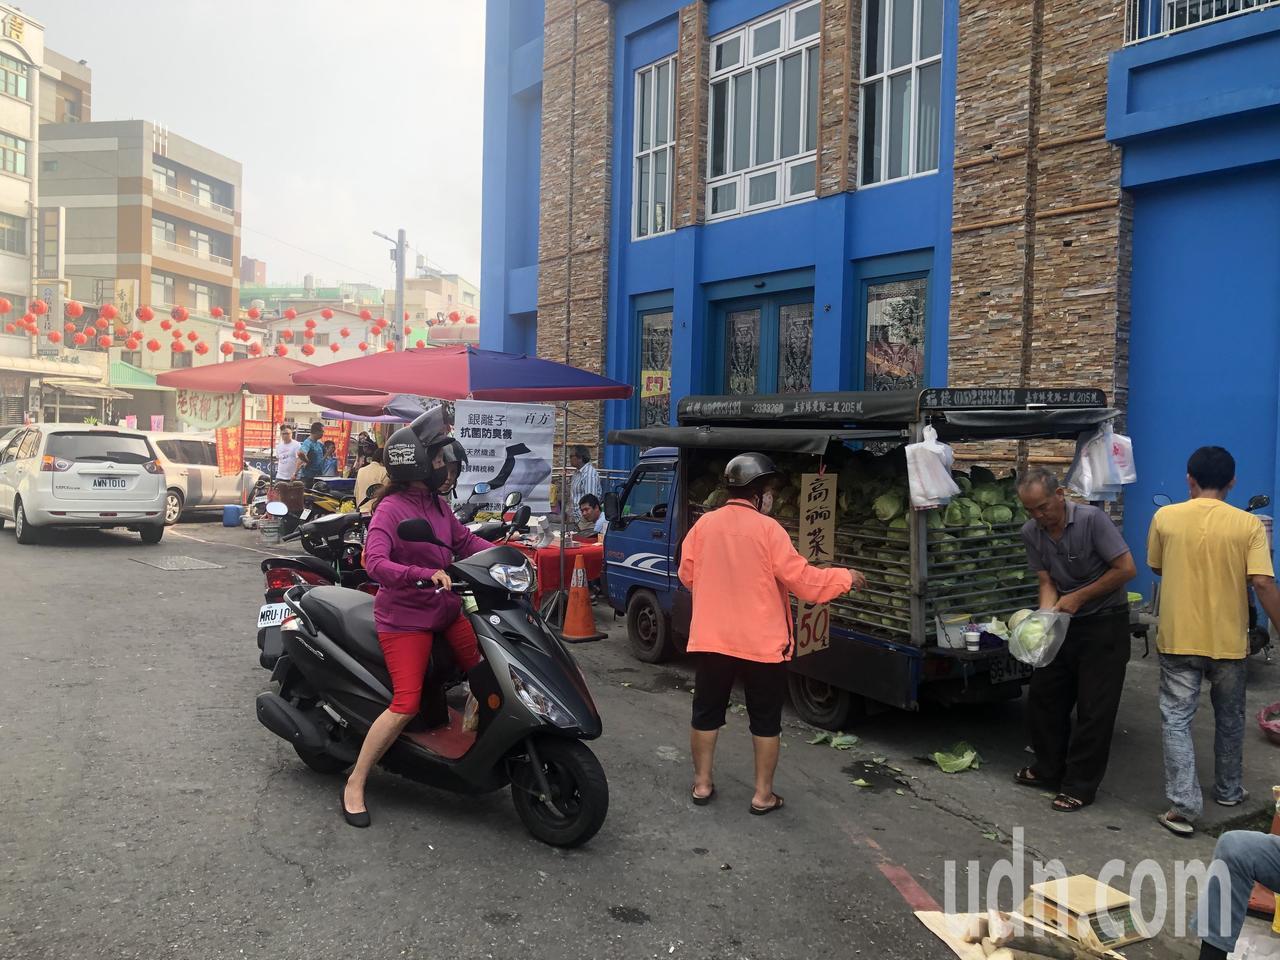 雲林縣菜農載一整車高麗菜,在嘉義市共和市場叫賣, 3顆重約5至6斤賣50元,吸引...